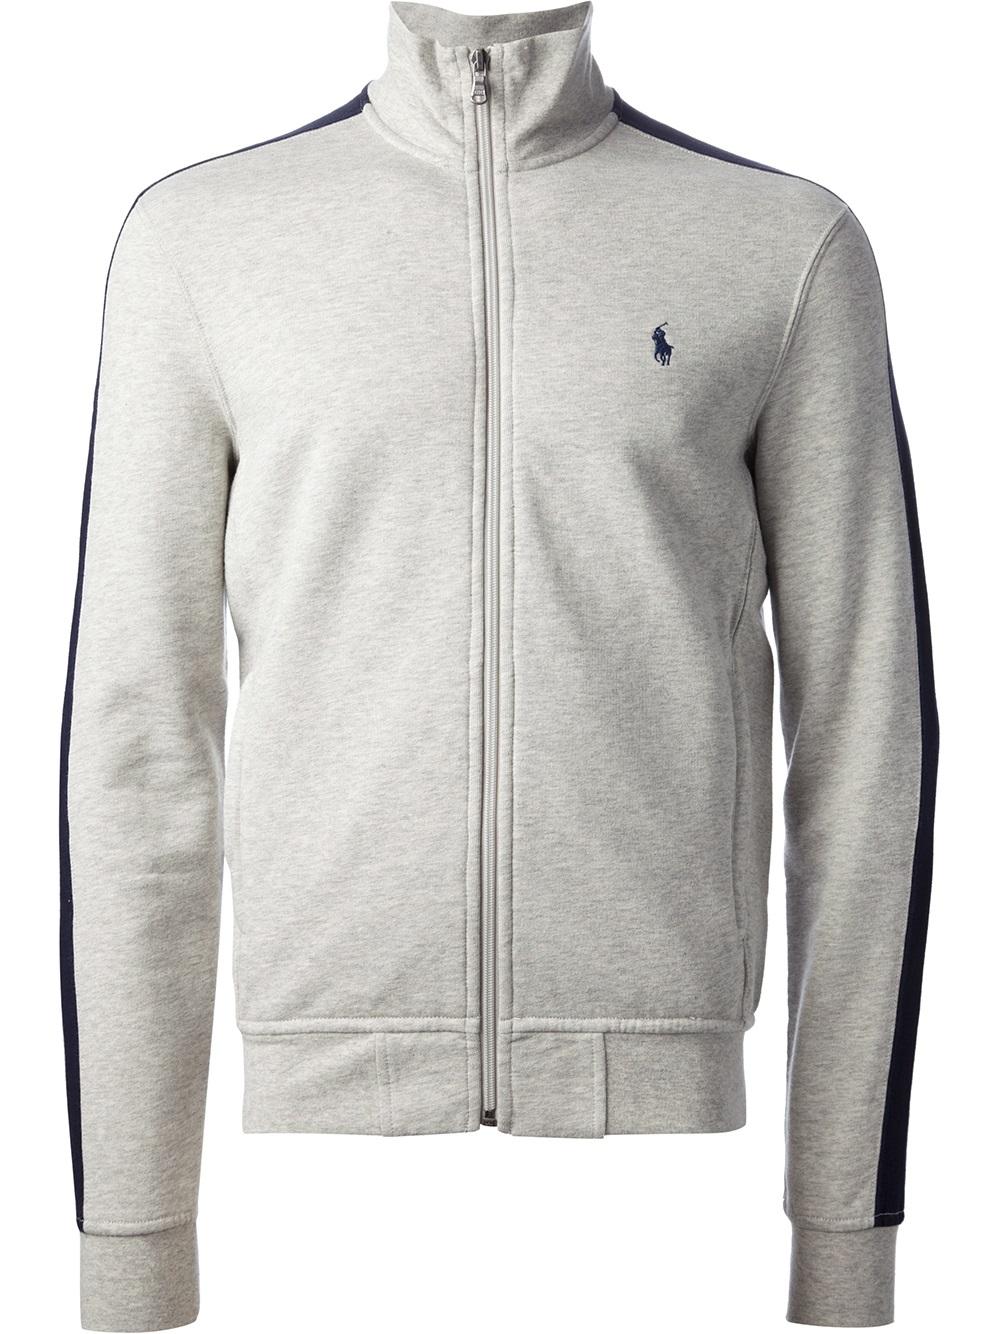 Polo Ralph Lauren Zipup Sweater In Gray For Men Lyst